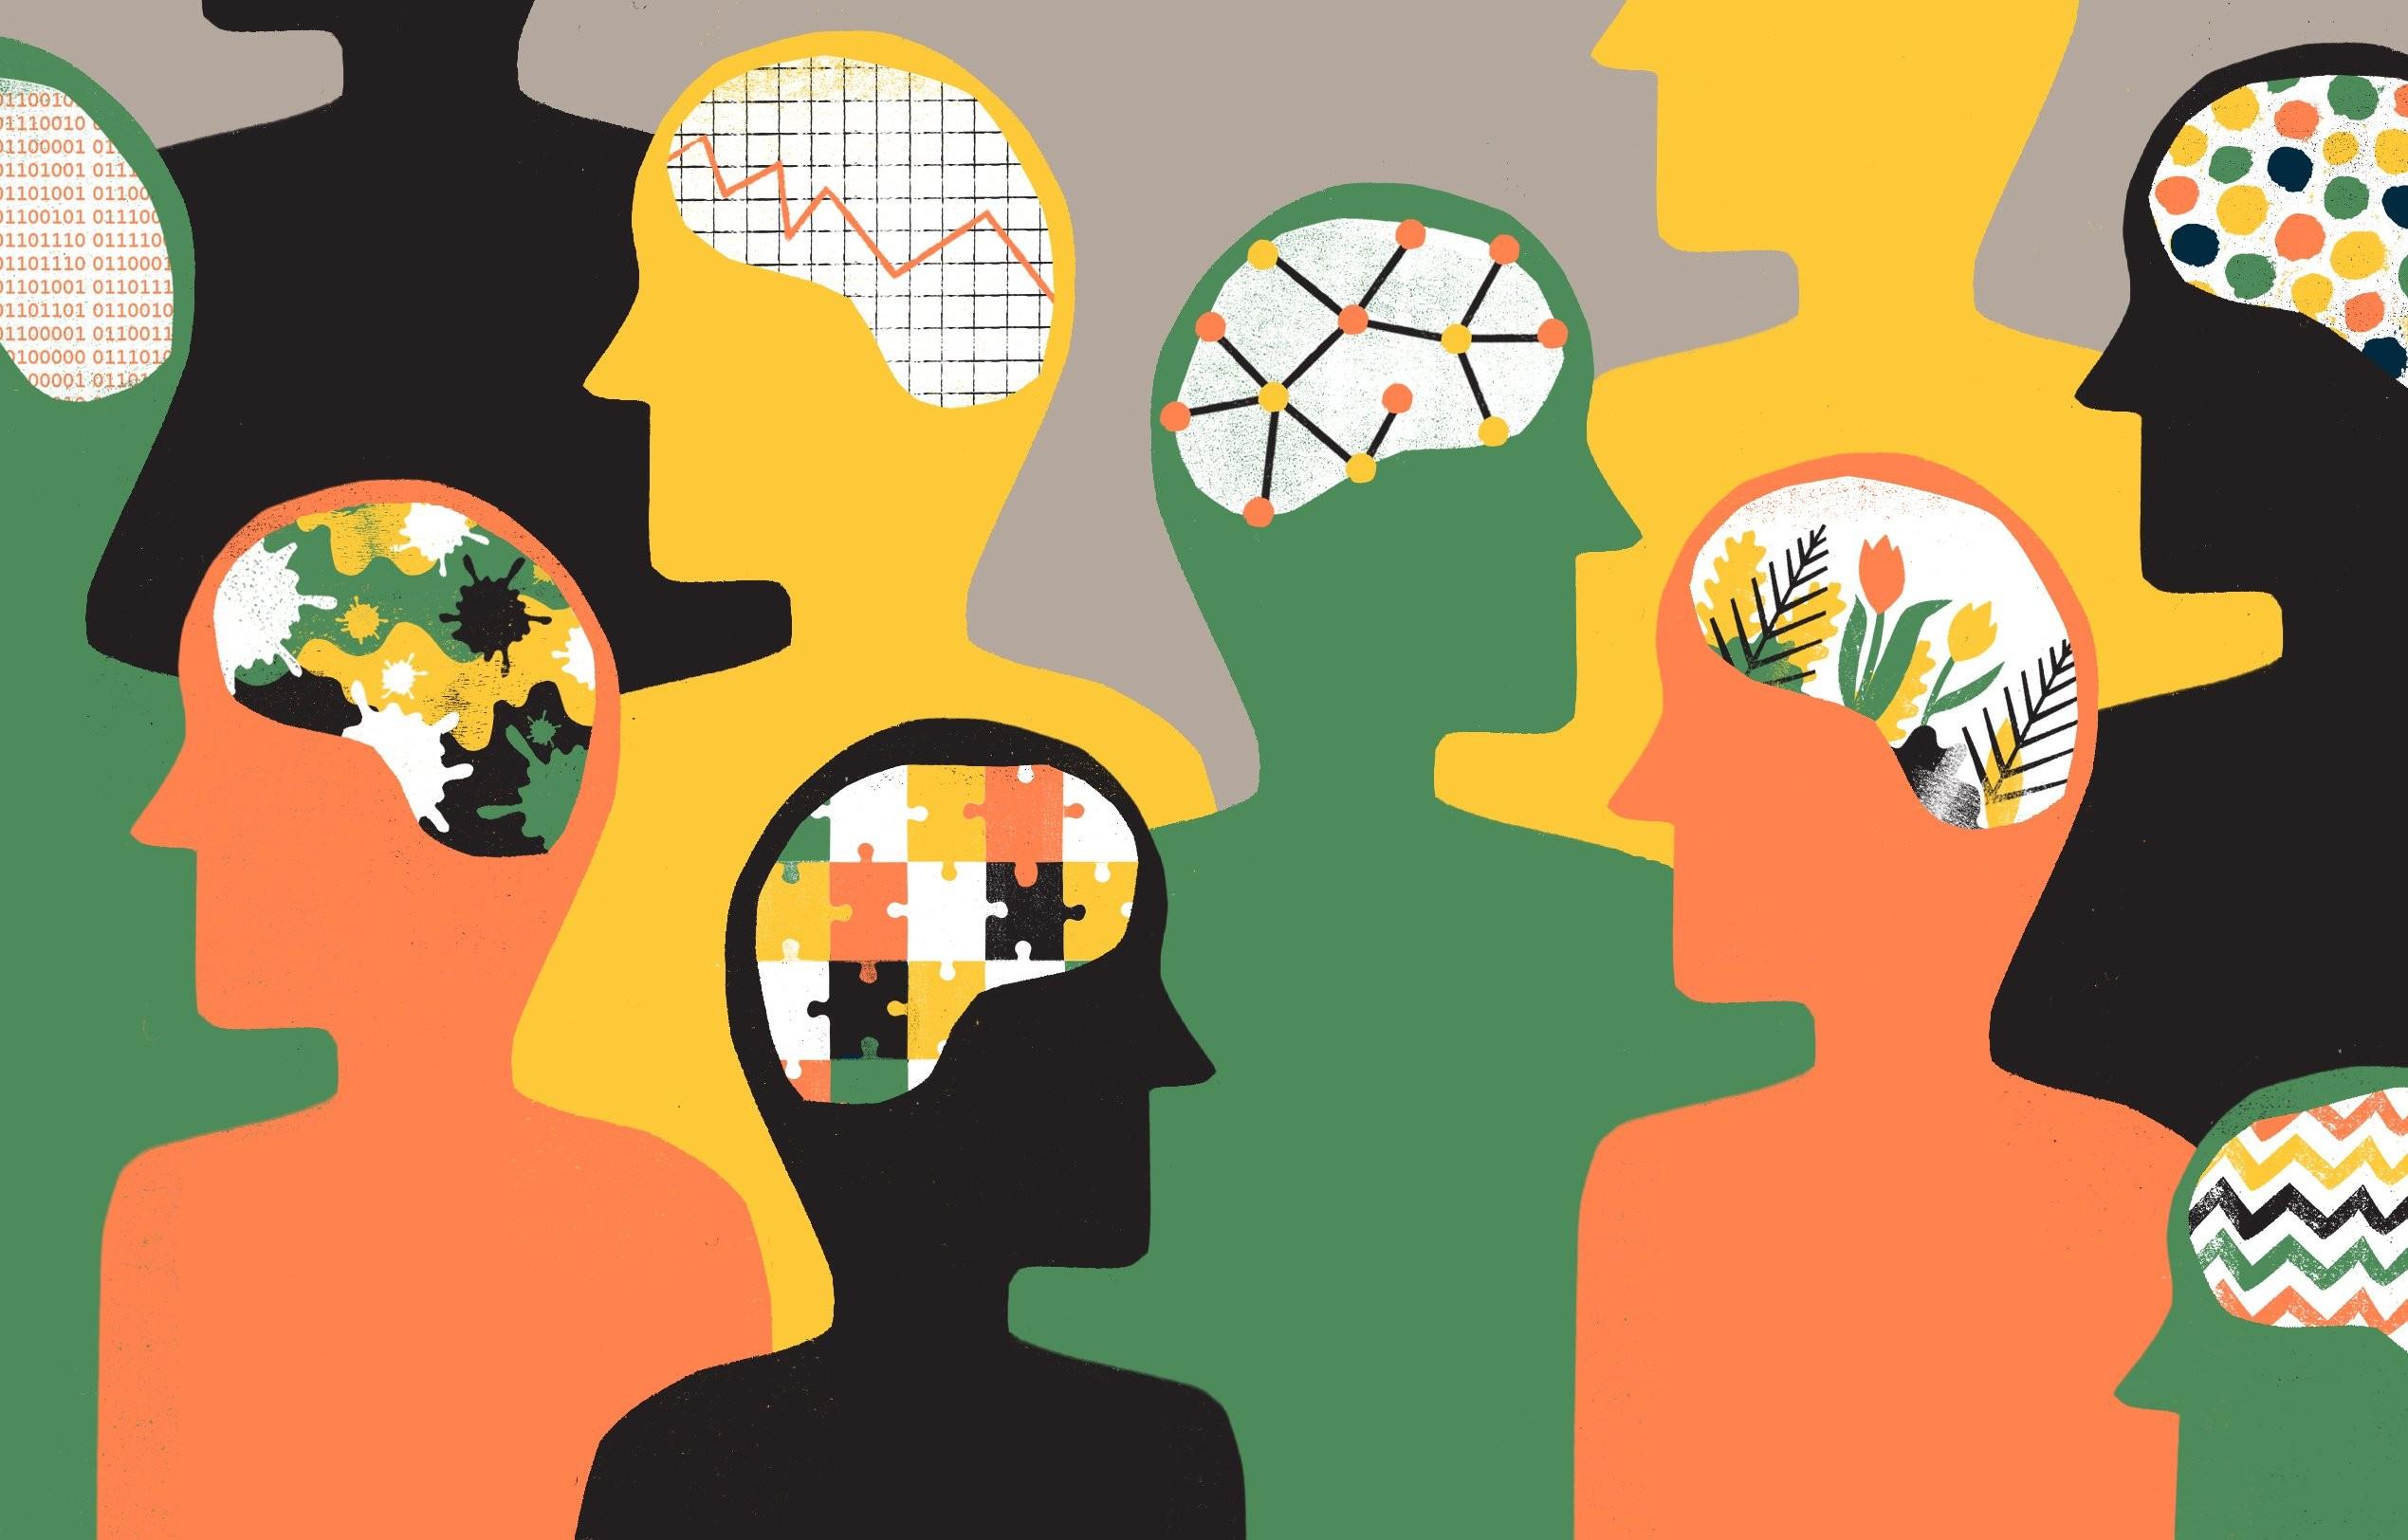 مهارة تحليل الشخصية من ملامح الوجه